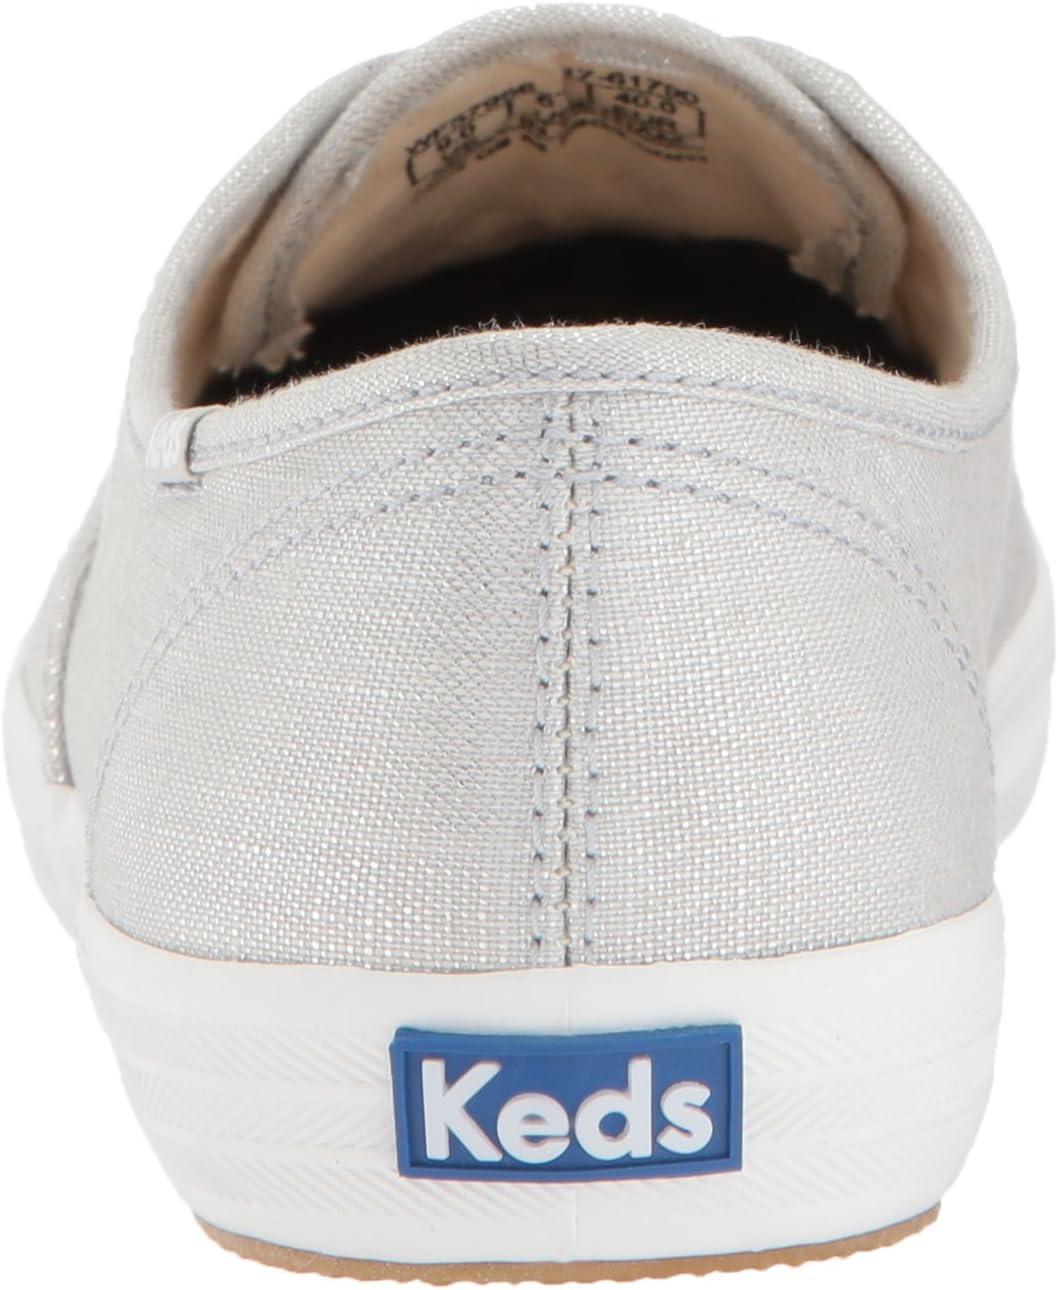 Keds dames Ch Metallic Linnen Rose Gold Sneakers ZILVER